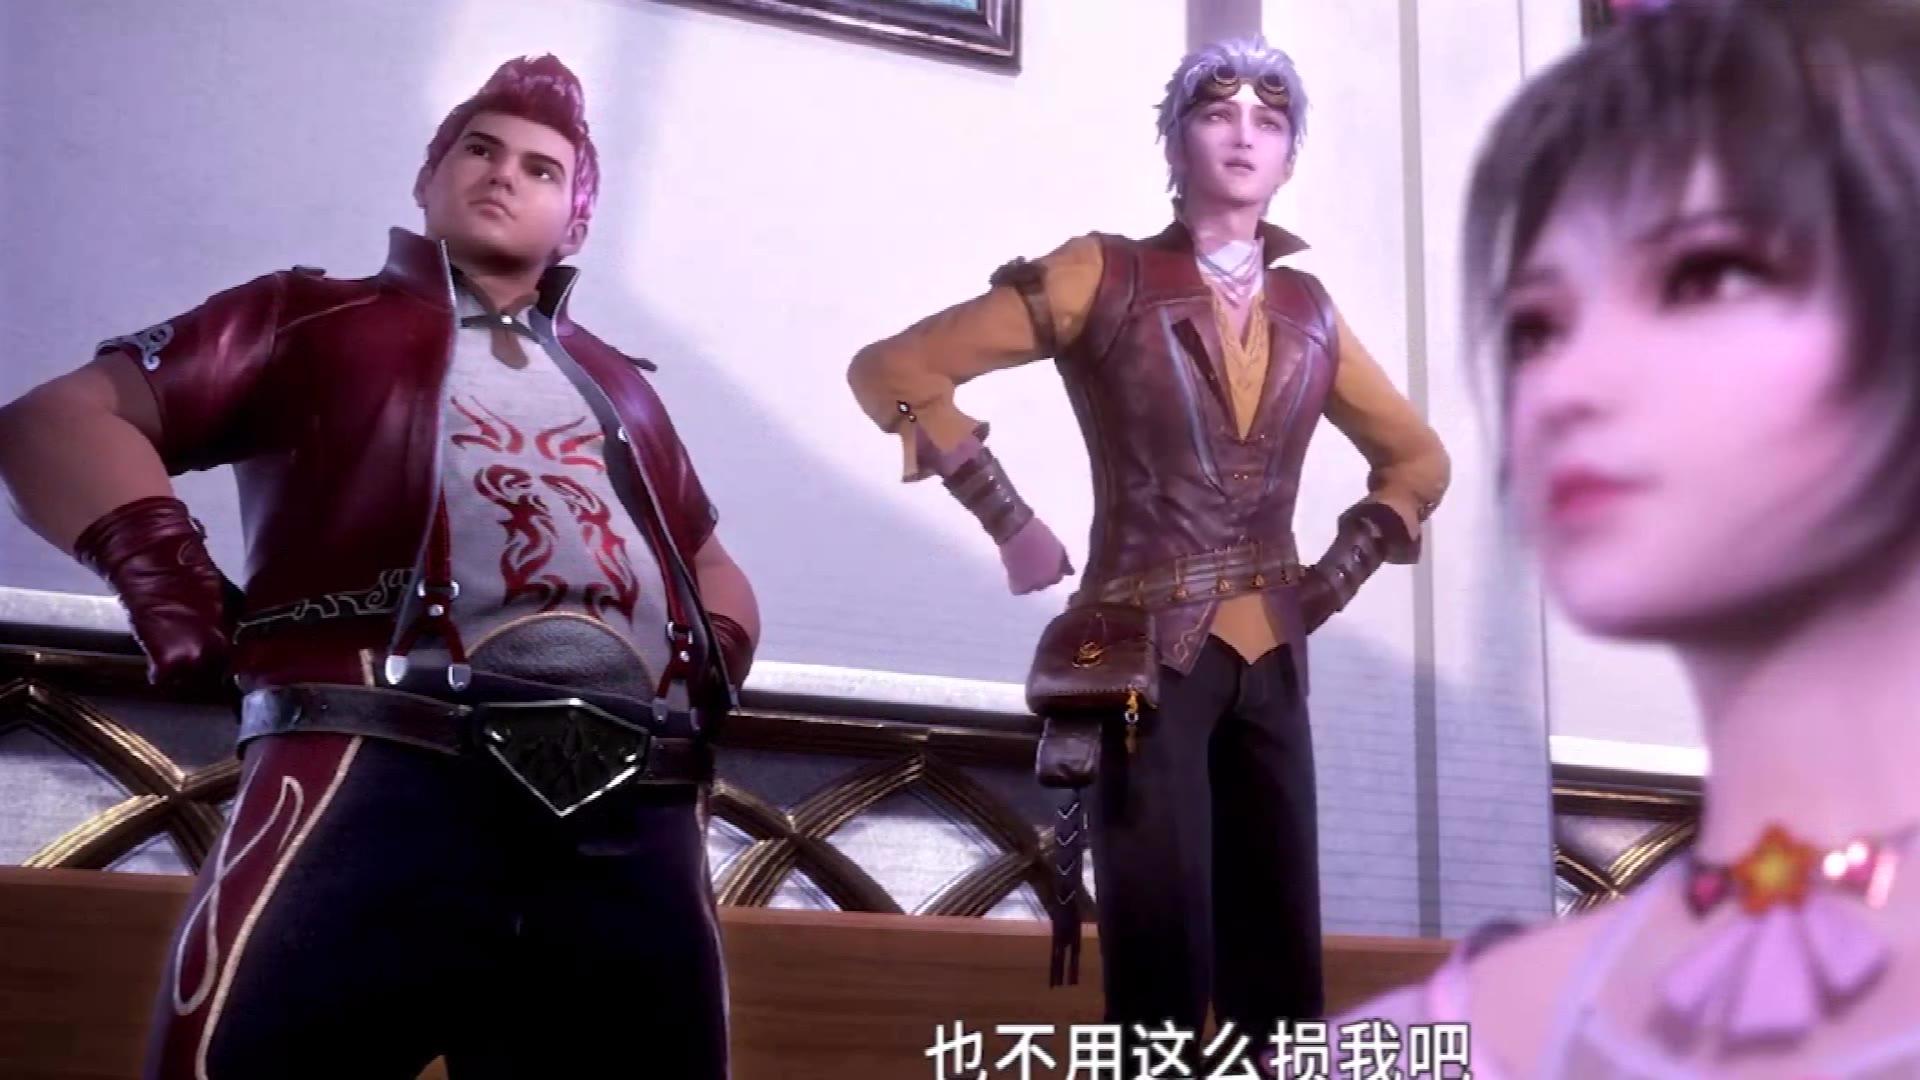 斗罗大陆 小舞受欢迎是因为唐三你啊